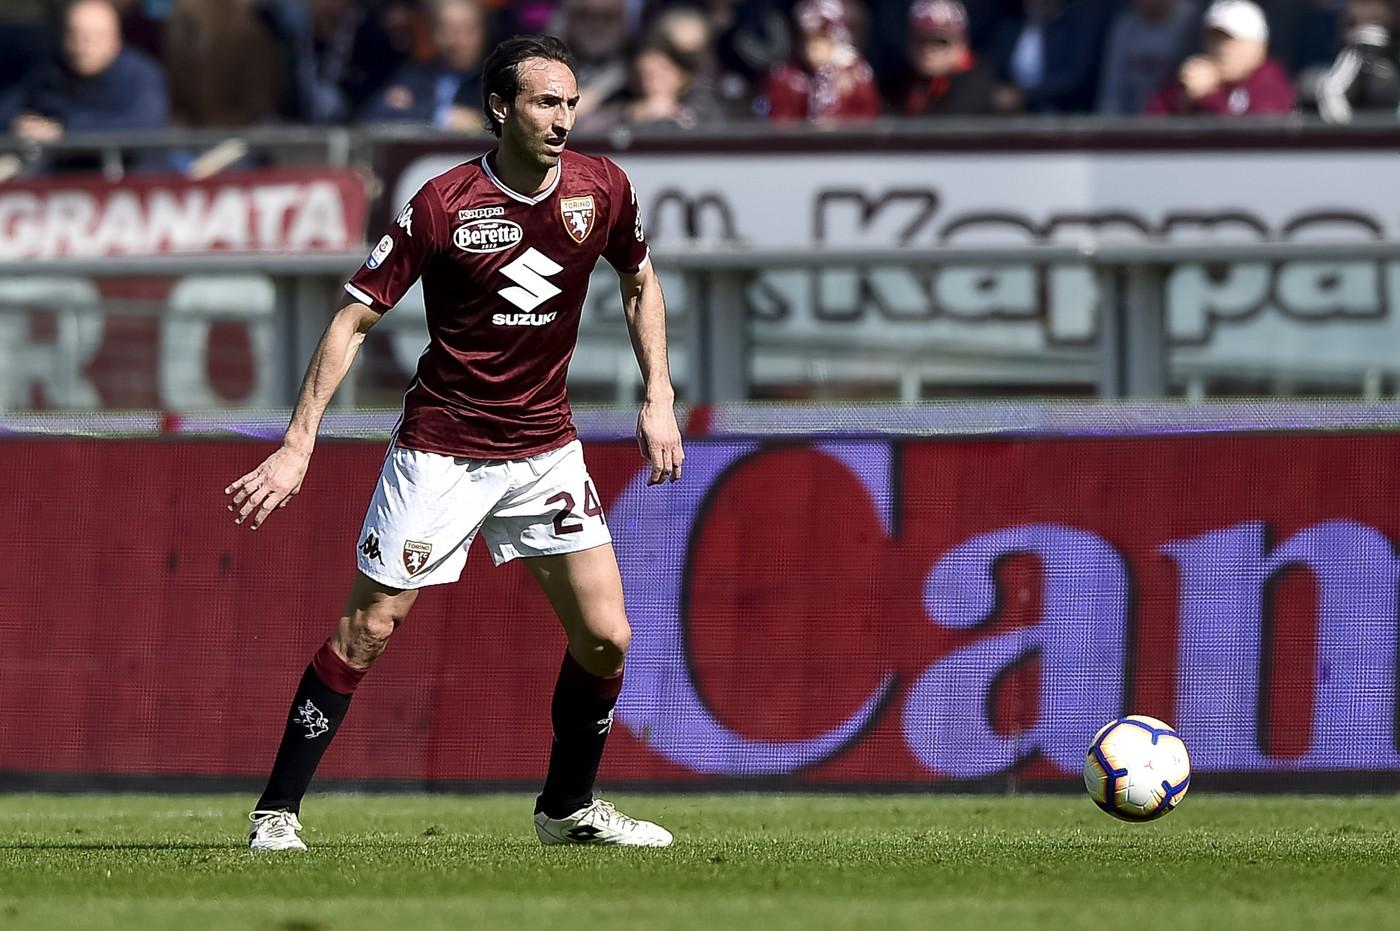 """Torino, Moretti annuncia il ritiro: """"Domenica ultima gara, è il momento giusto"""""""